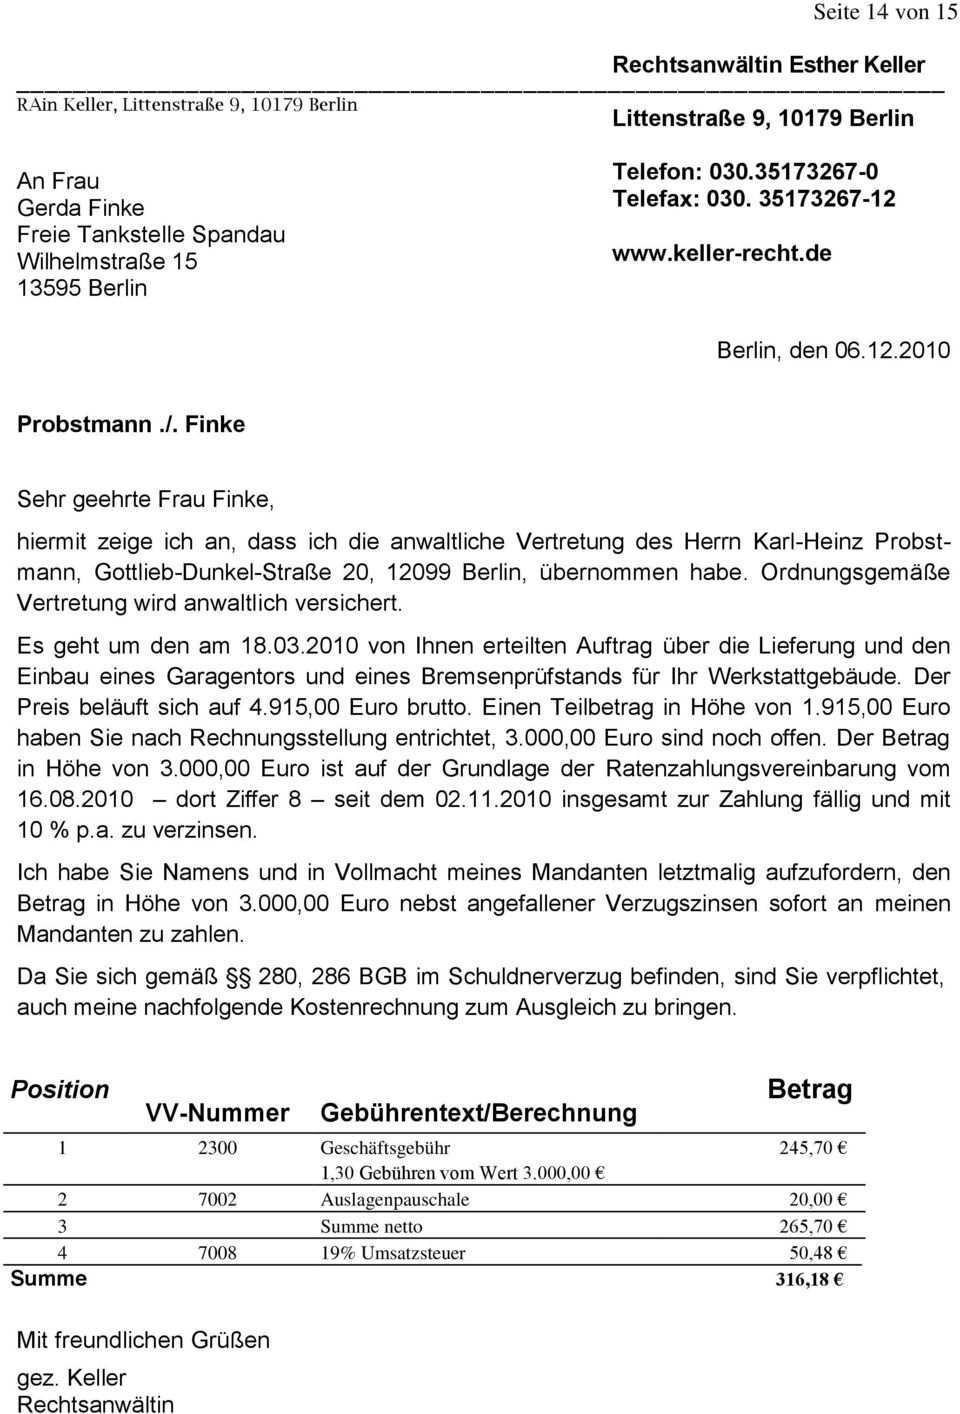 Bauunternehmer Karl Heinz Probstmann Gottlieb Dunkel Strasse 20 Berlin Und Berichtet Pdf Free Download